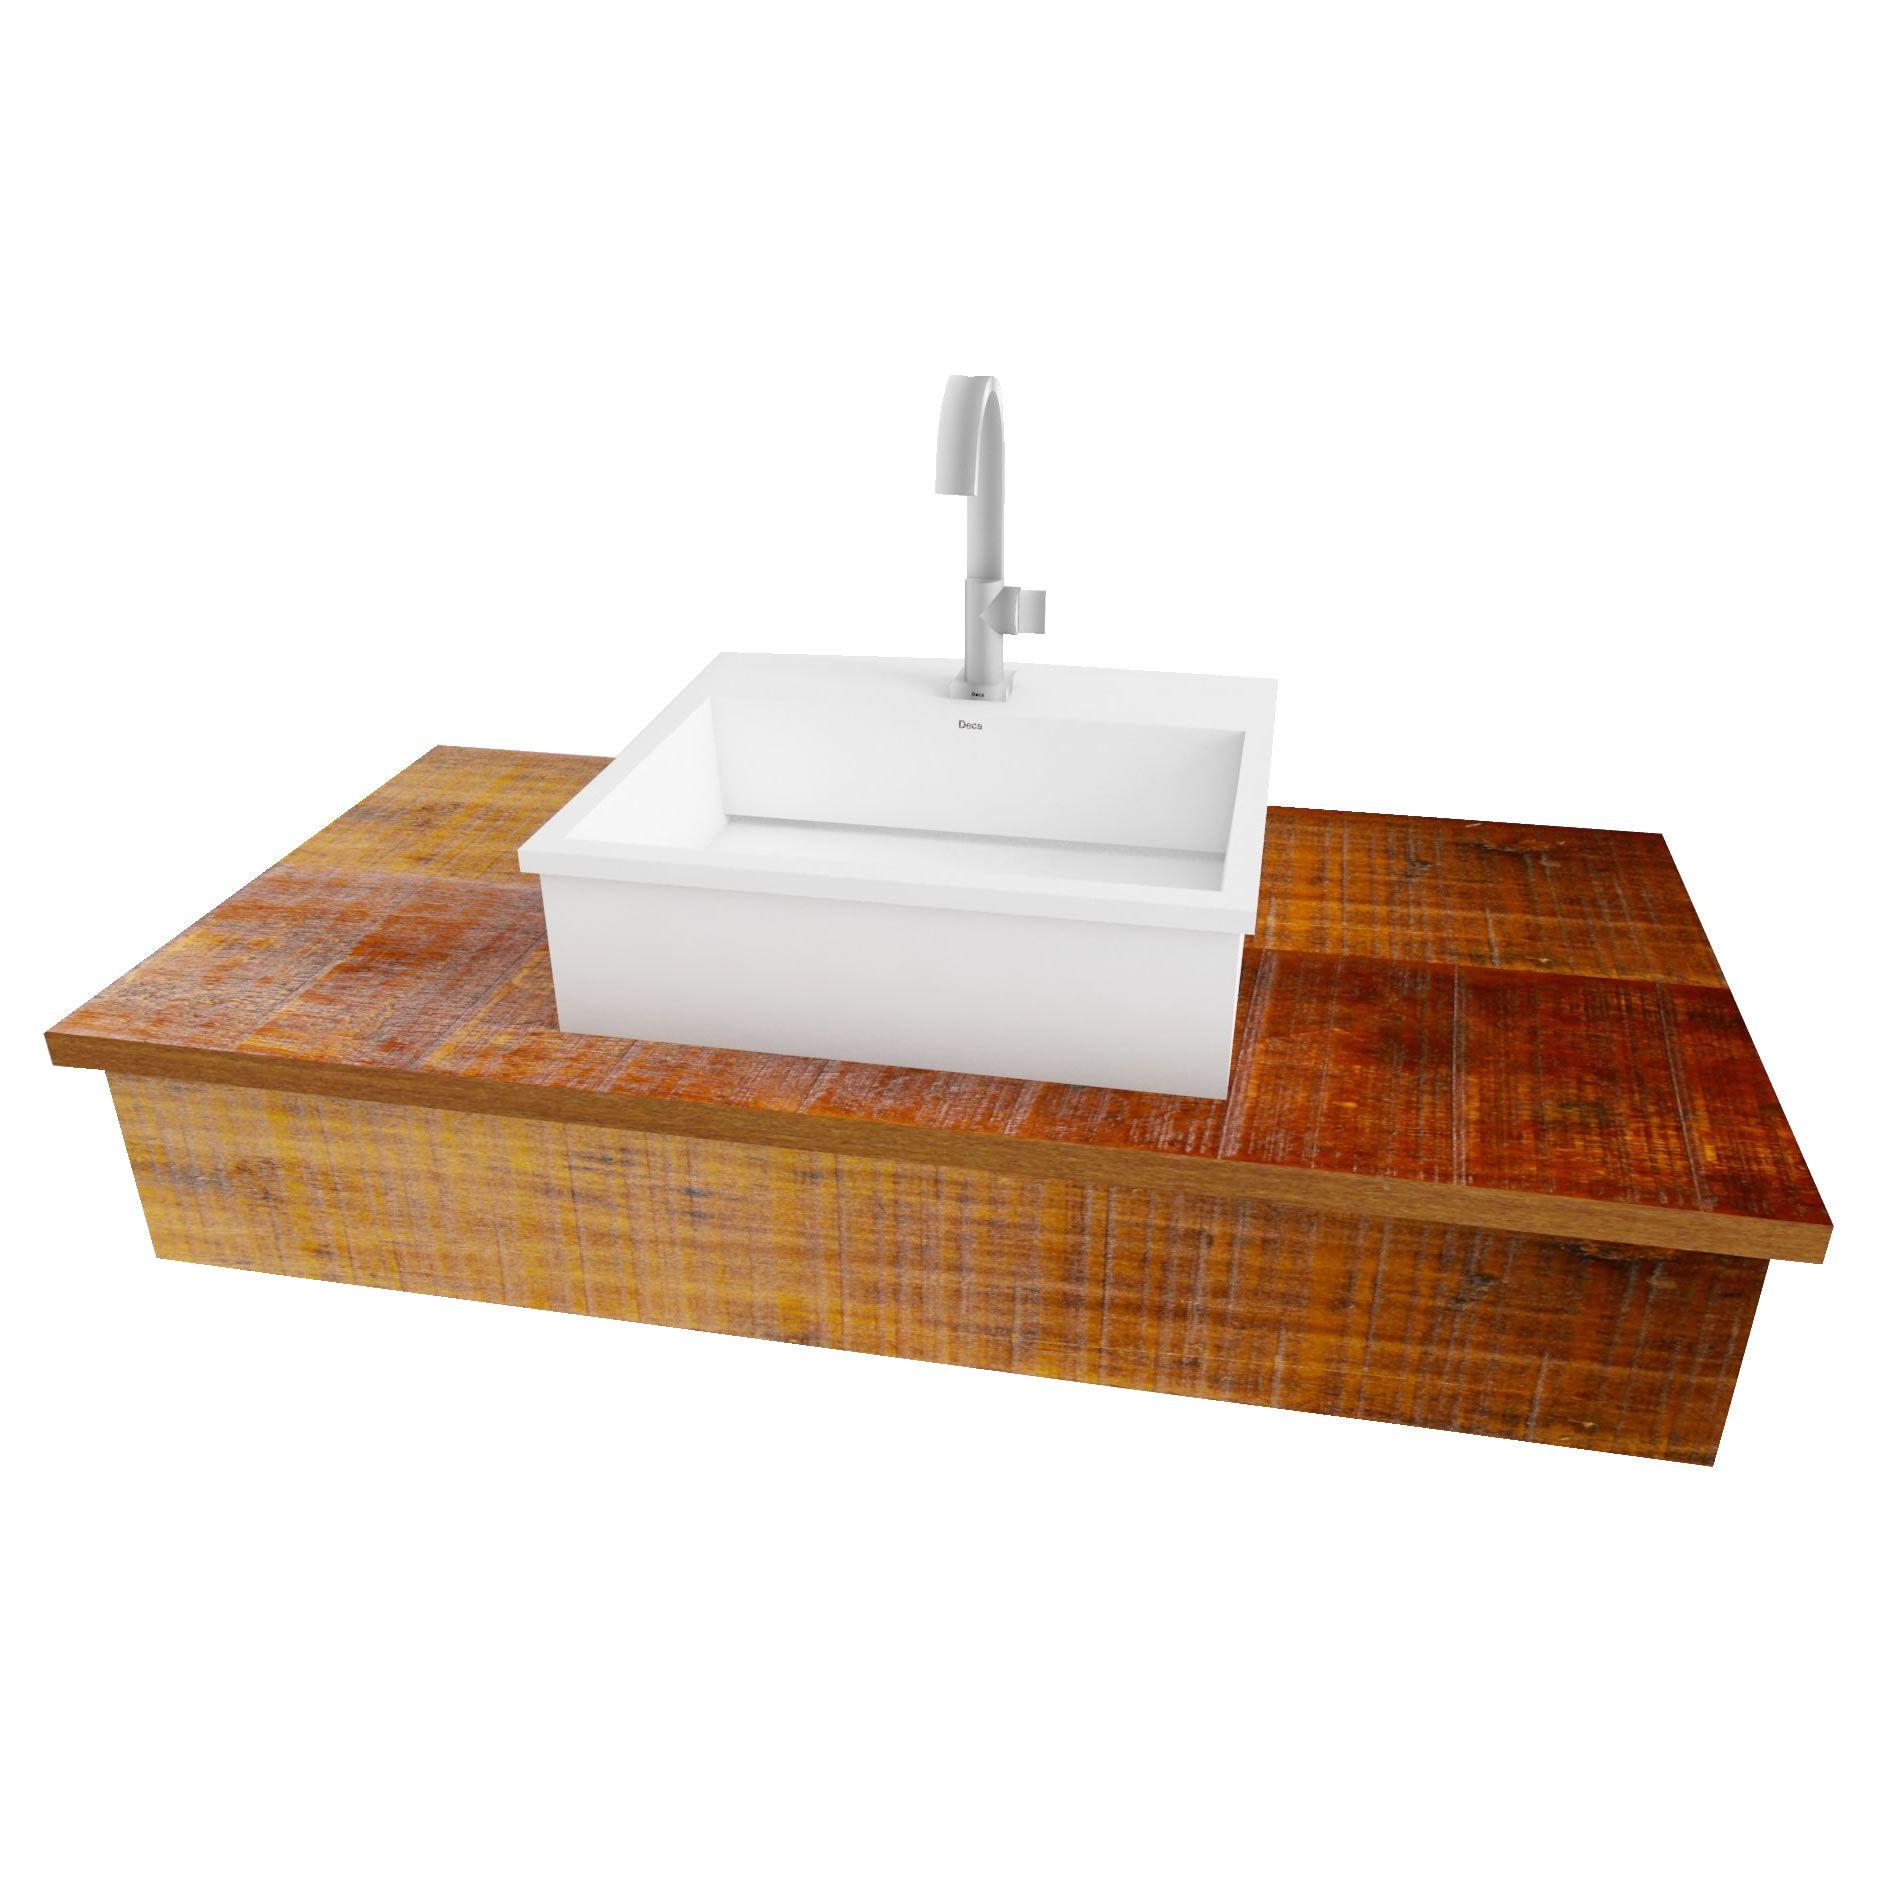 Pia Bancada Para Banheiro Medindo 100x40 Madeira de demolição